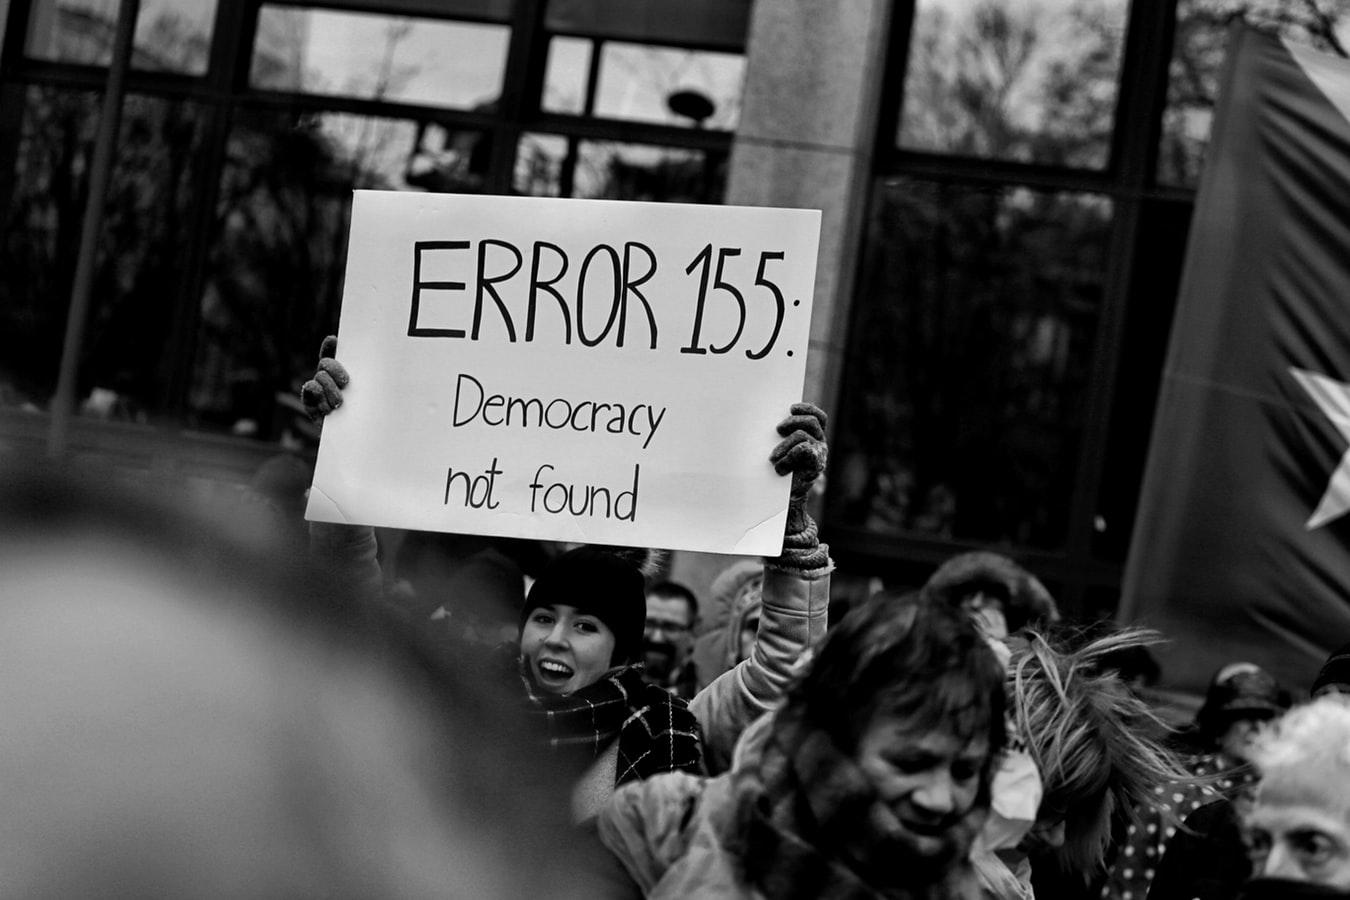 ownCloud error 155 democracy not found